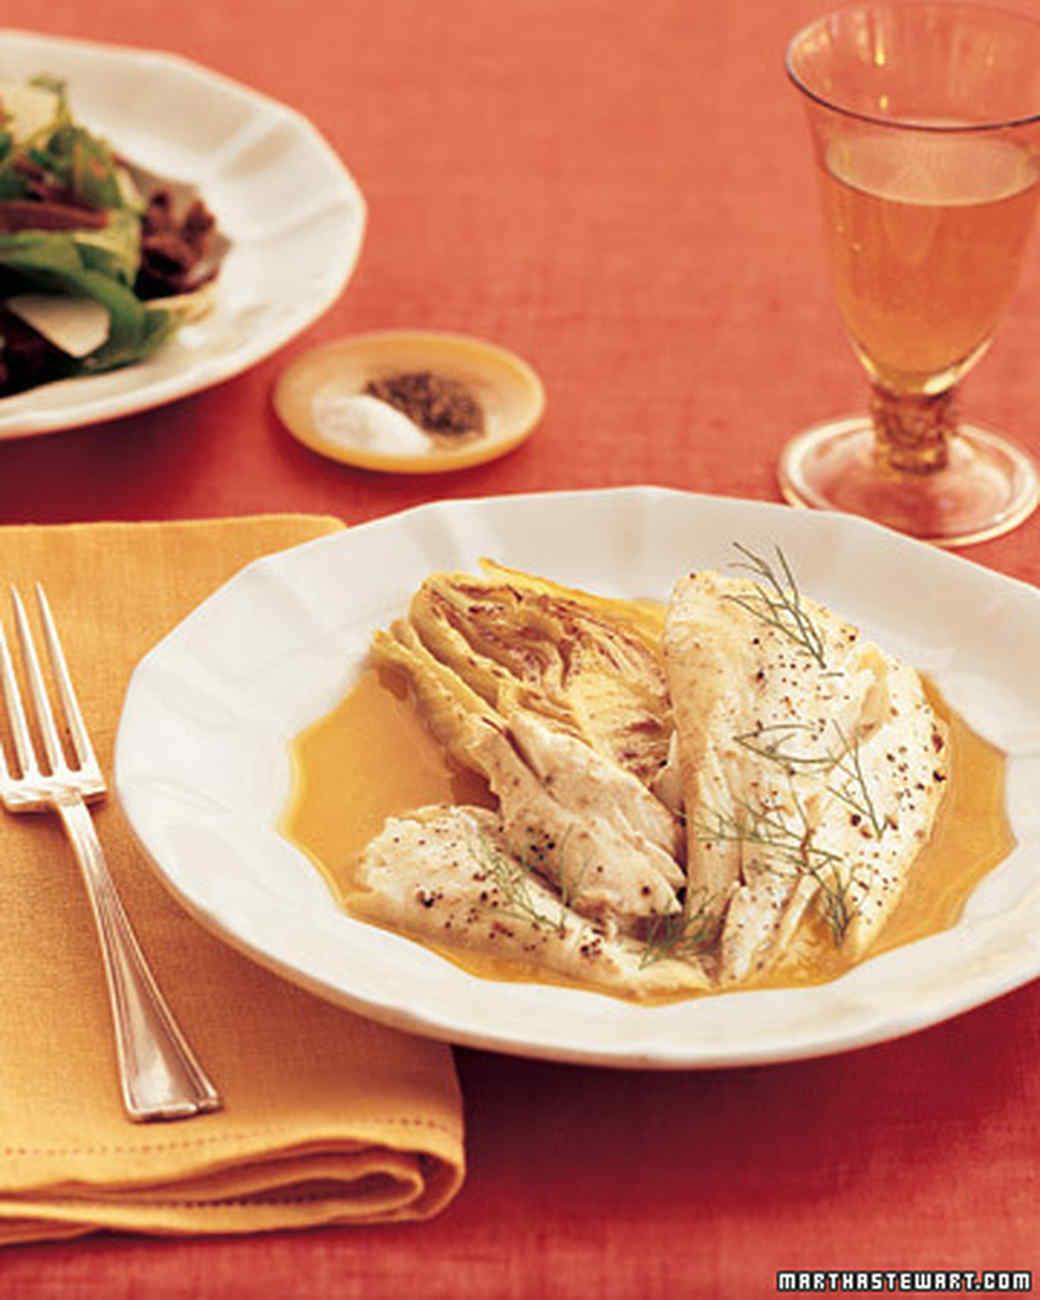 ml1203_1203_bass_dinner.jpg